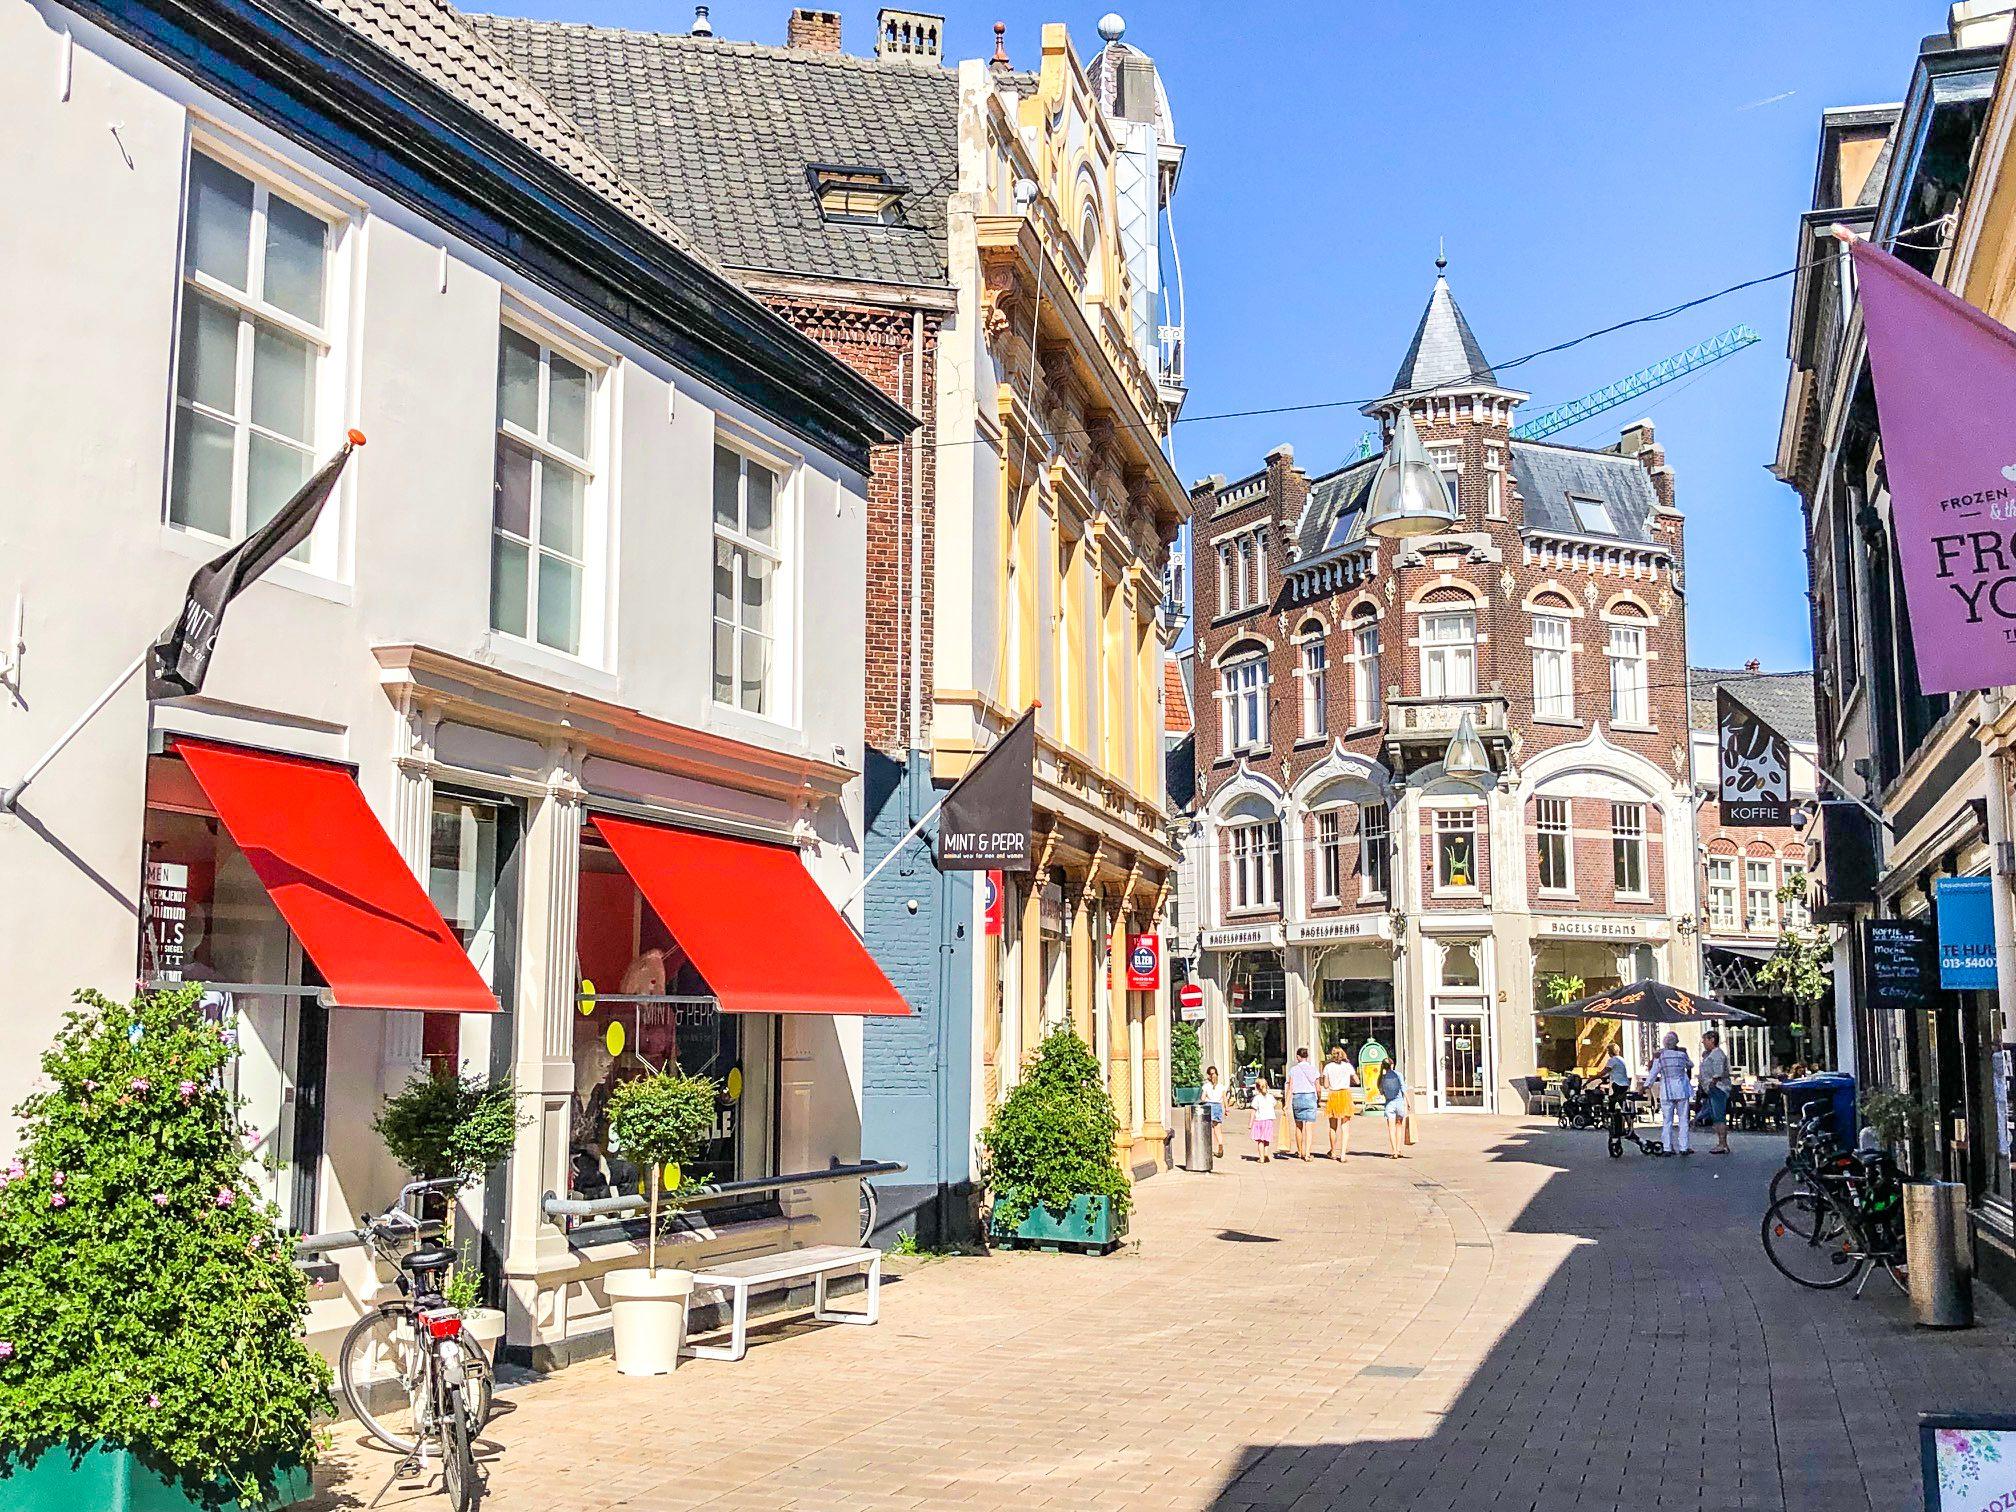 Het begin van de Heuvelstraat en de Oude Markt, links Mint and Pepr